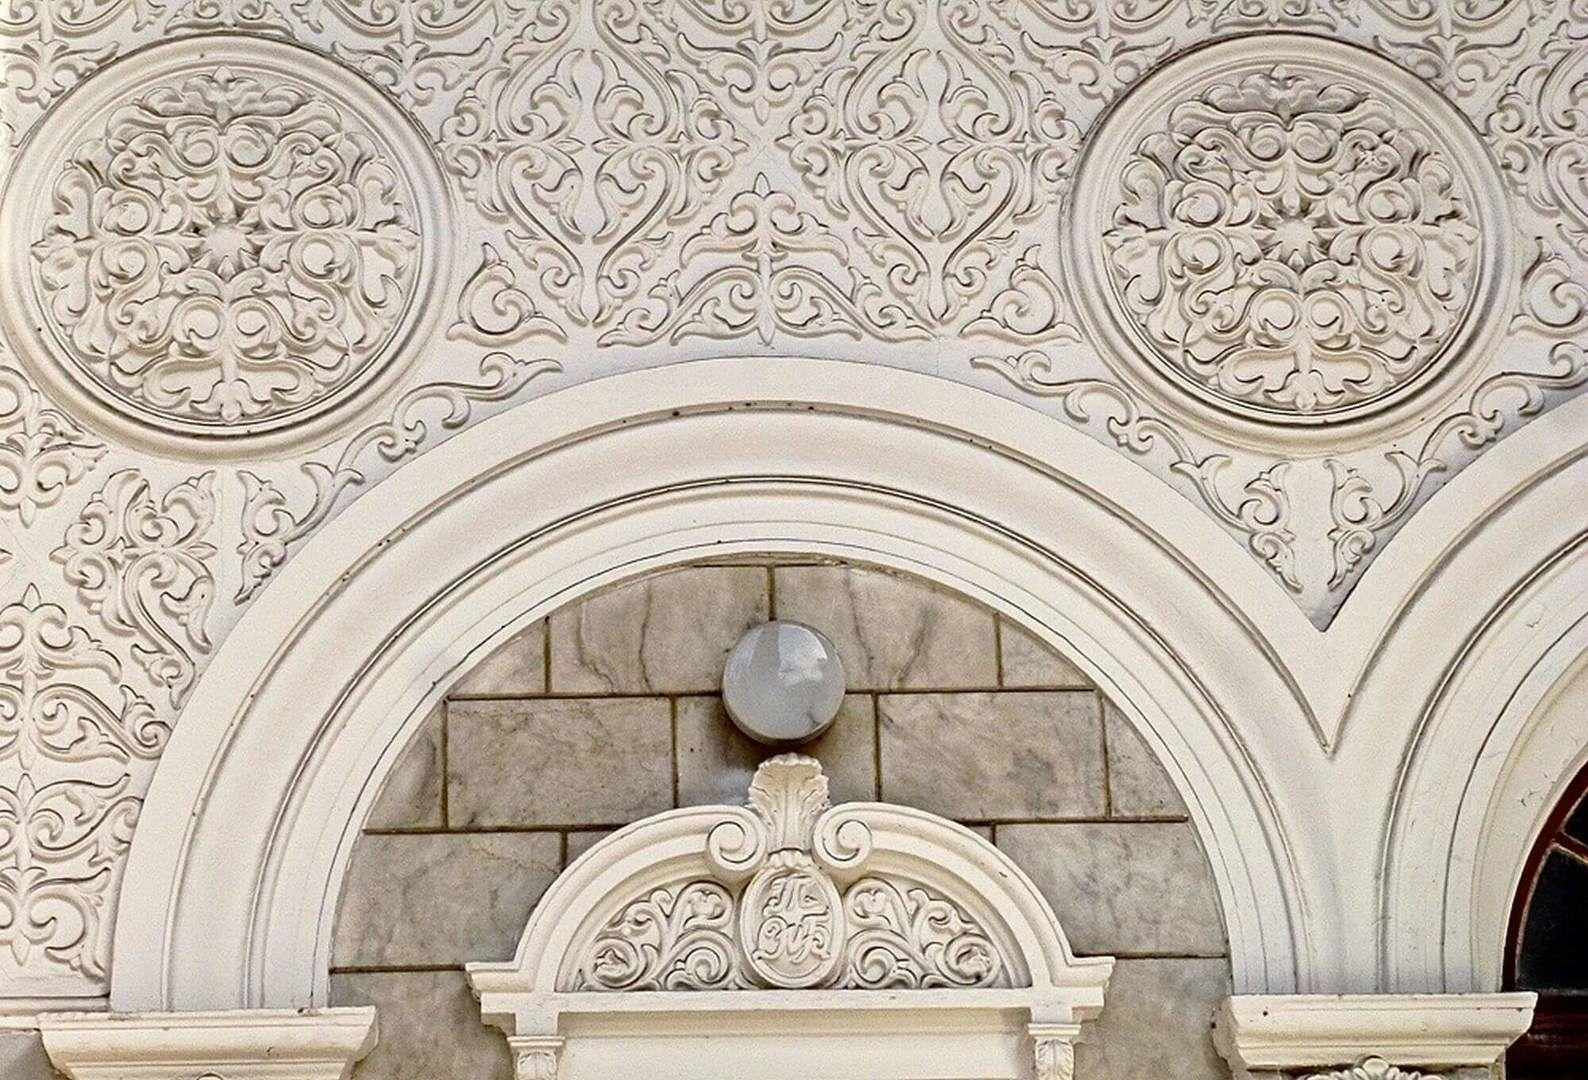 Central Asia, architecture design